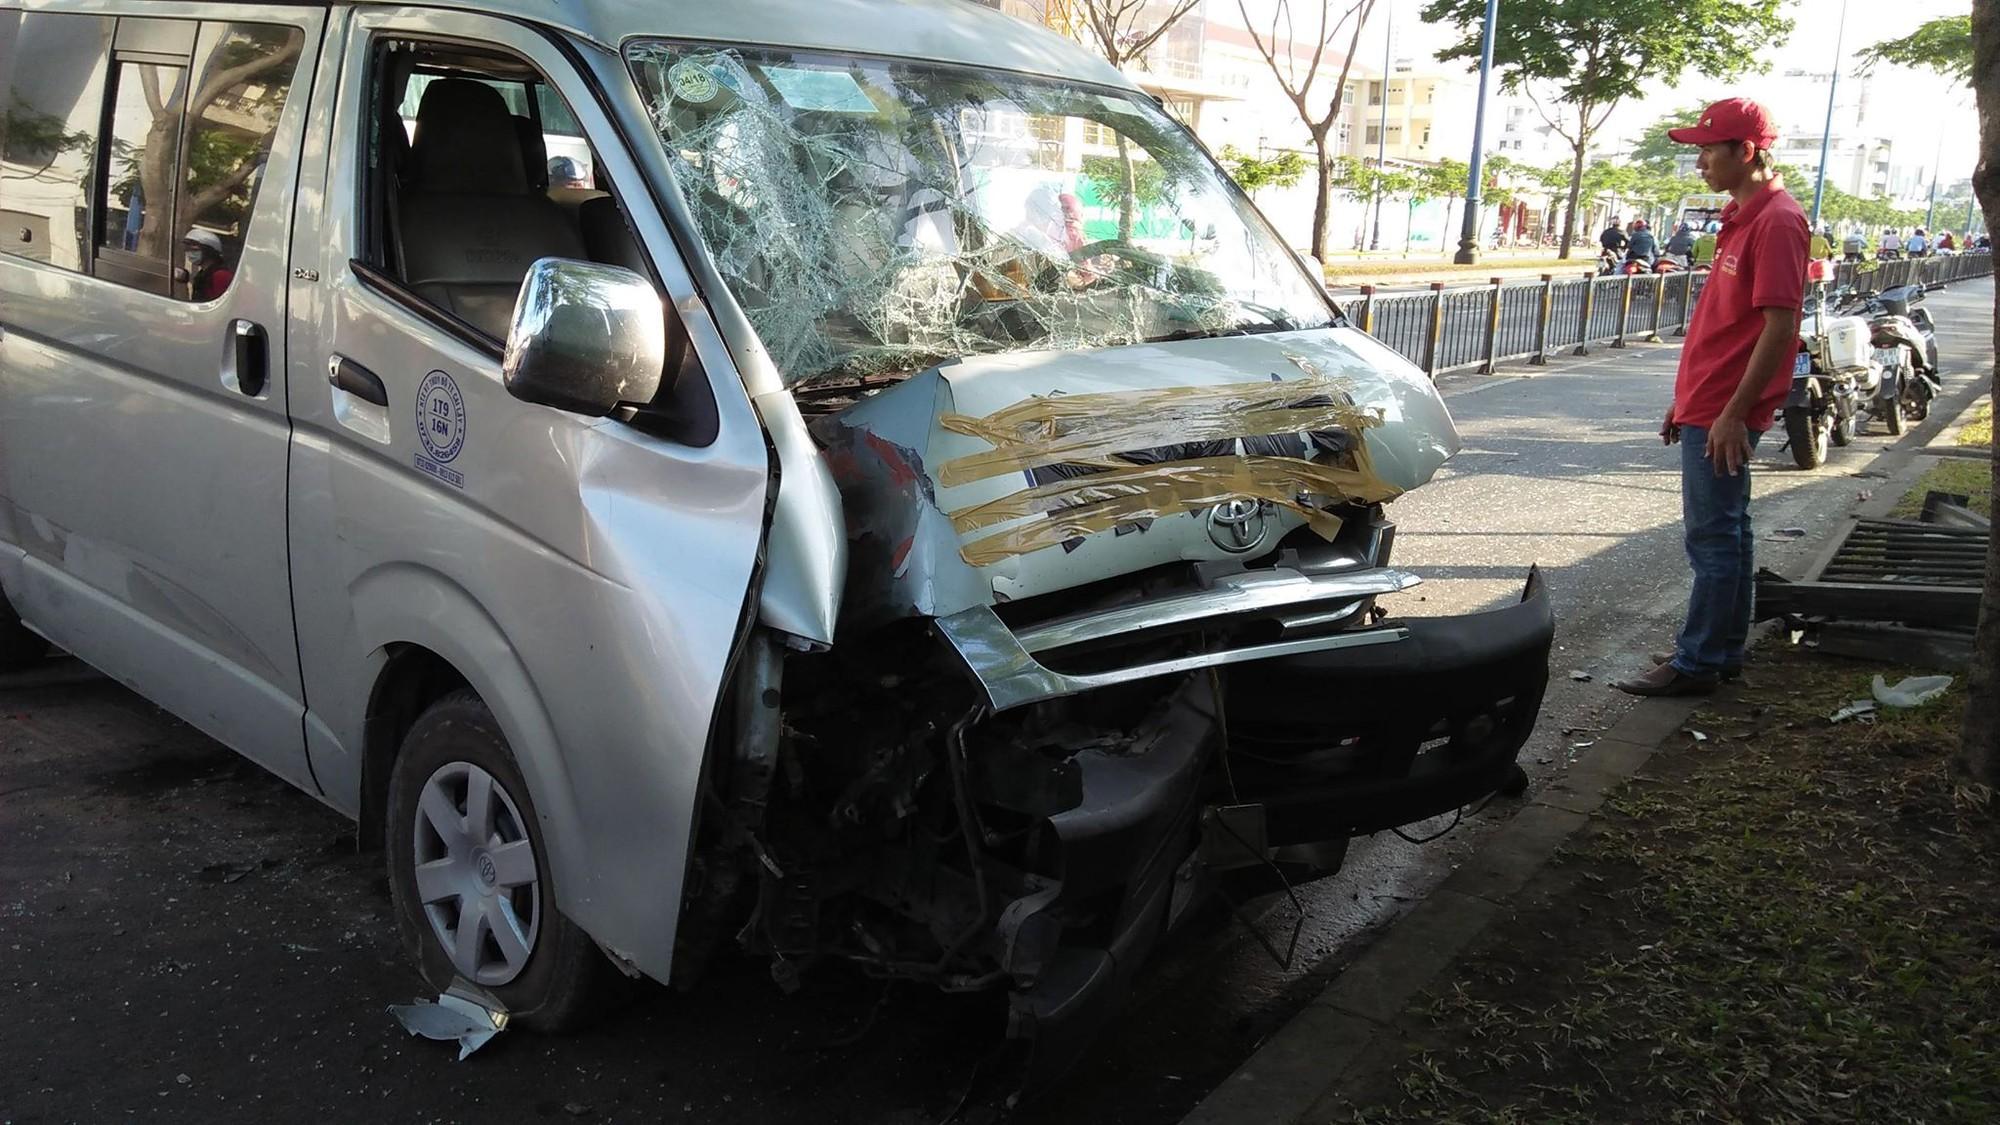 Xe khách nổ lốp trên phố Sài Gòn, nhiều người thoát chết trong gang tấc - Ảnh 2.